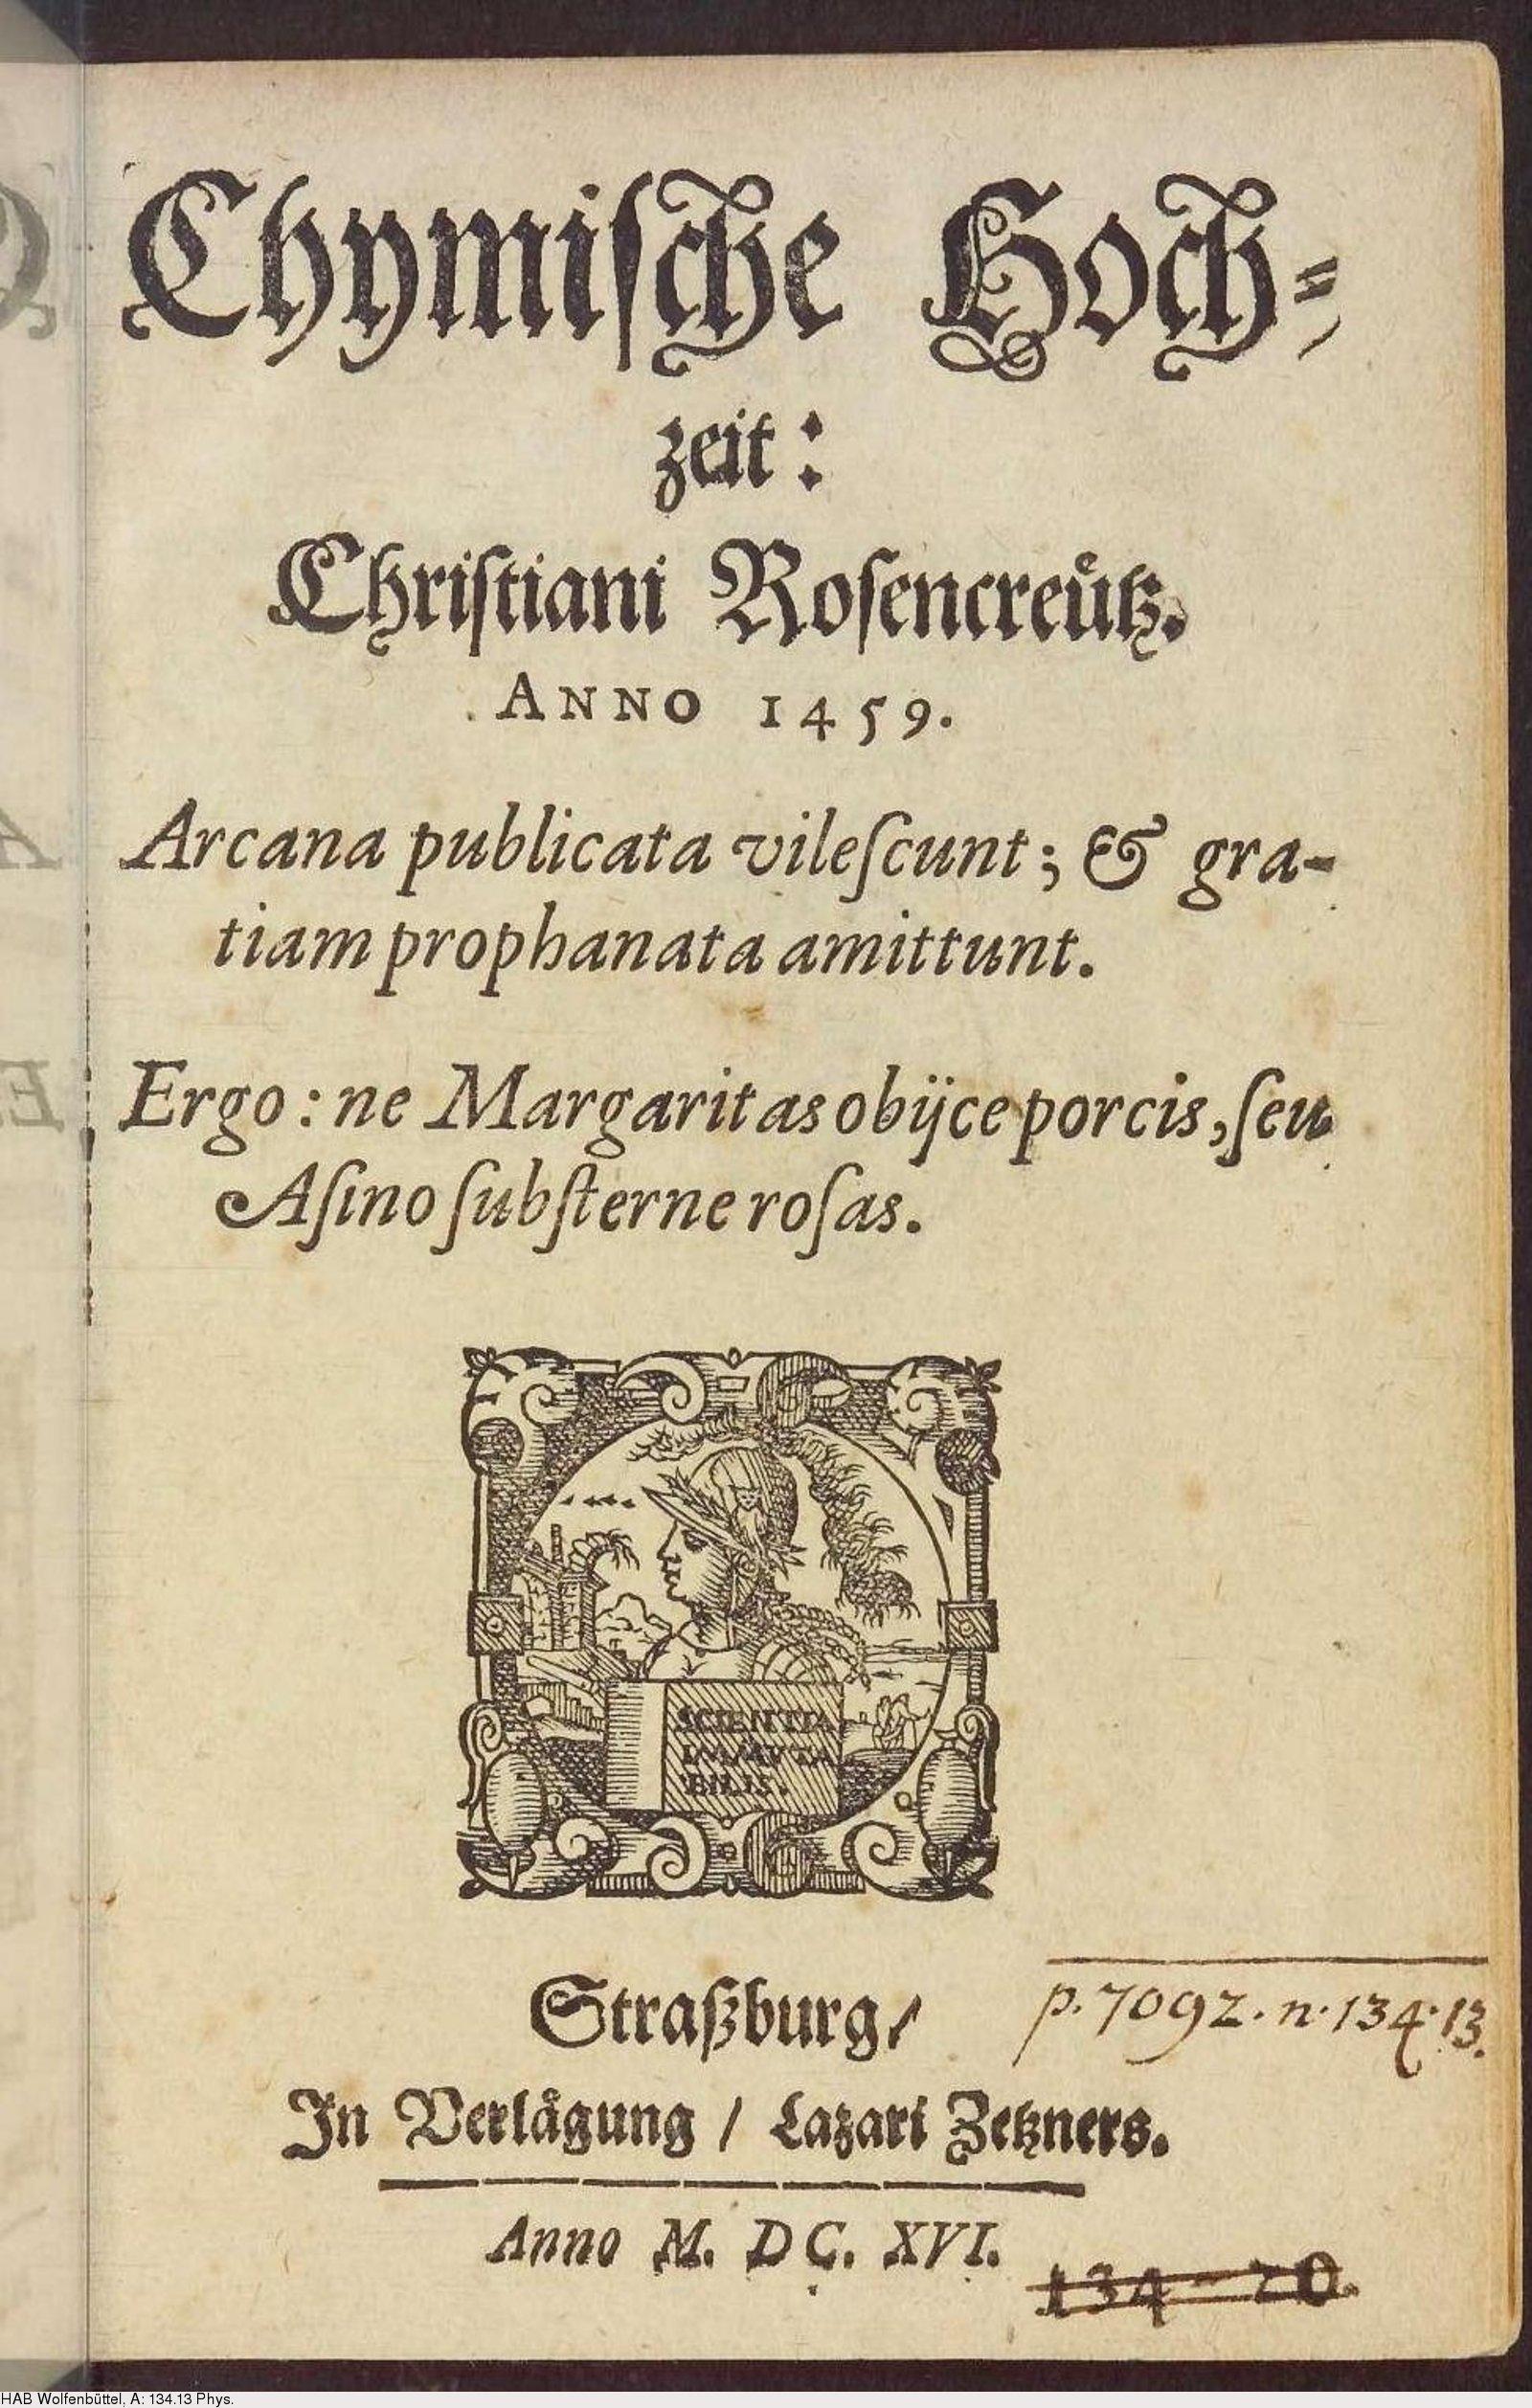 Chymische Hochzeit Christiani Rosencreutz Anno 1459